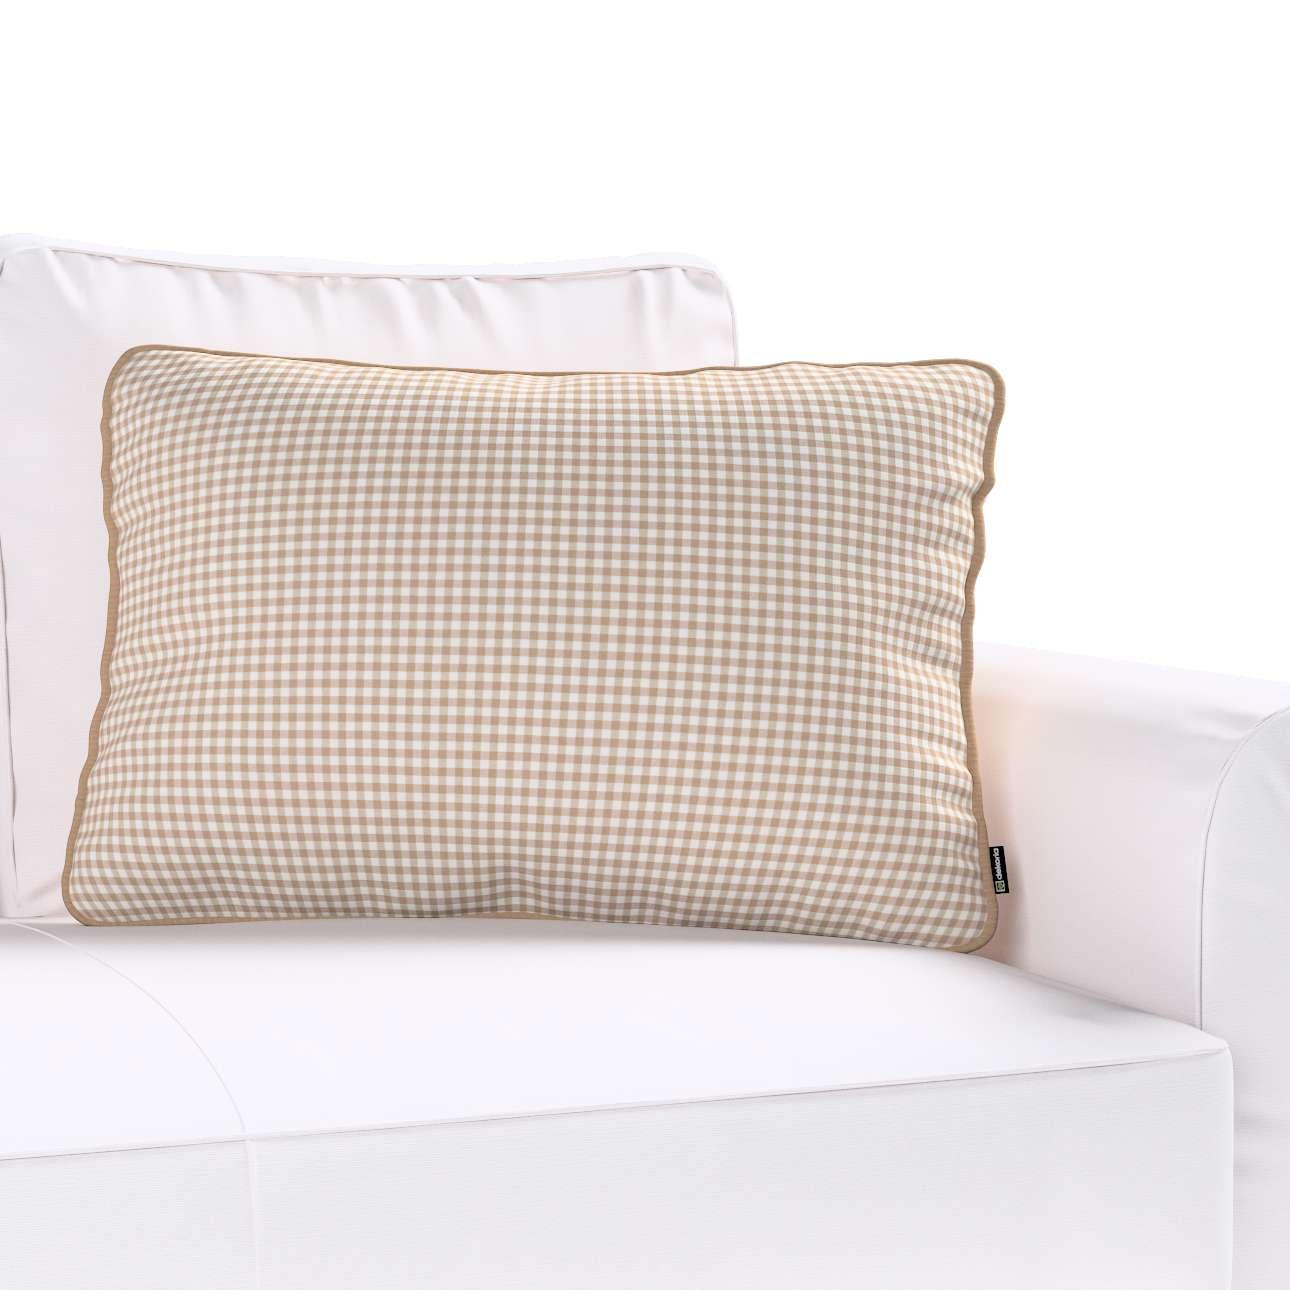 Gabi dekoratyvinės pagavėlės užvalkalas su specialia siūle 60x40cm 60 x 40 cm kolekcijoje Quadro, audinys: 136-05